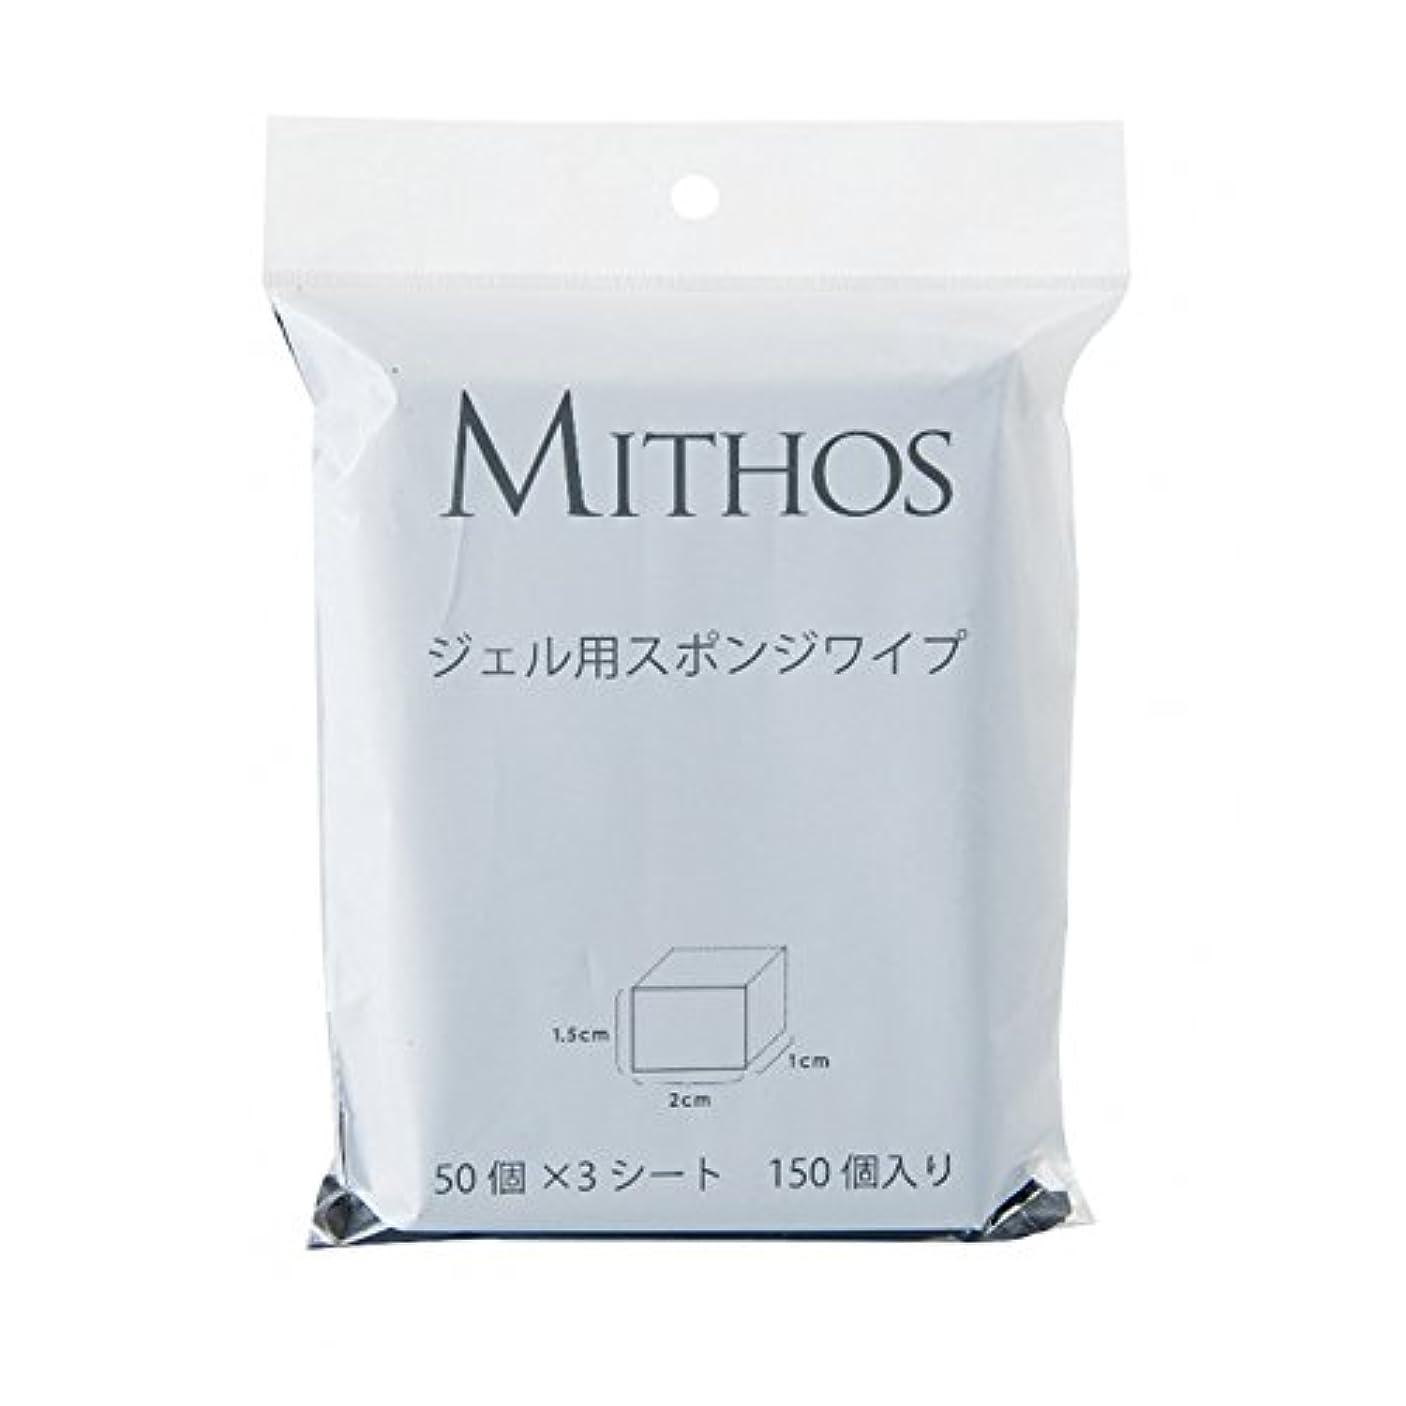 アコード価値ソーダ水MITHOS ジェル用スポンジワイプ 150P 1.5×2×1cm 50個×3シート